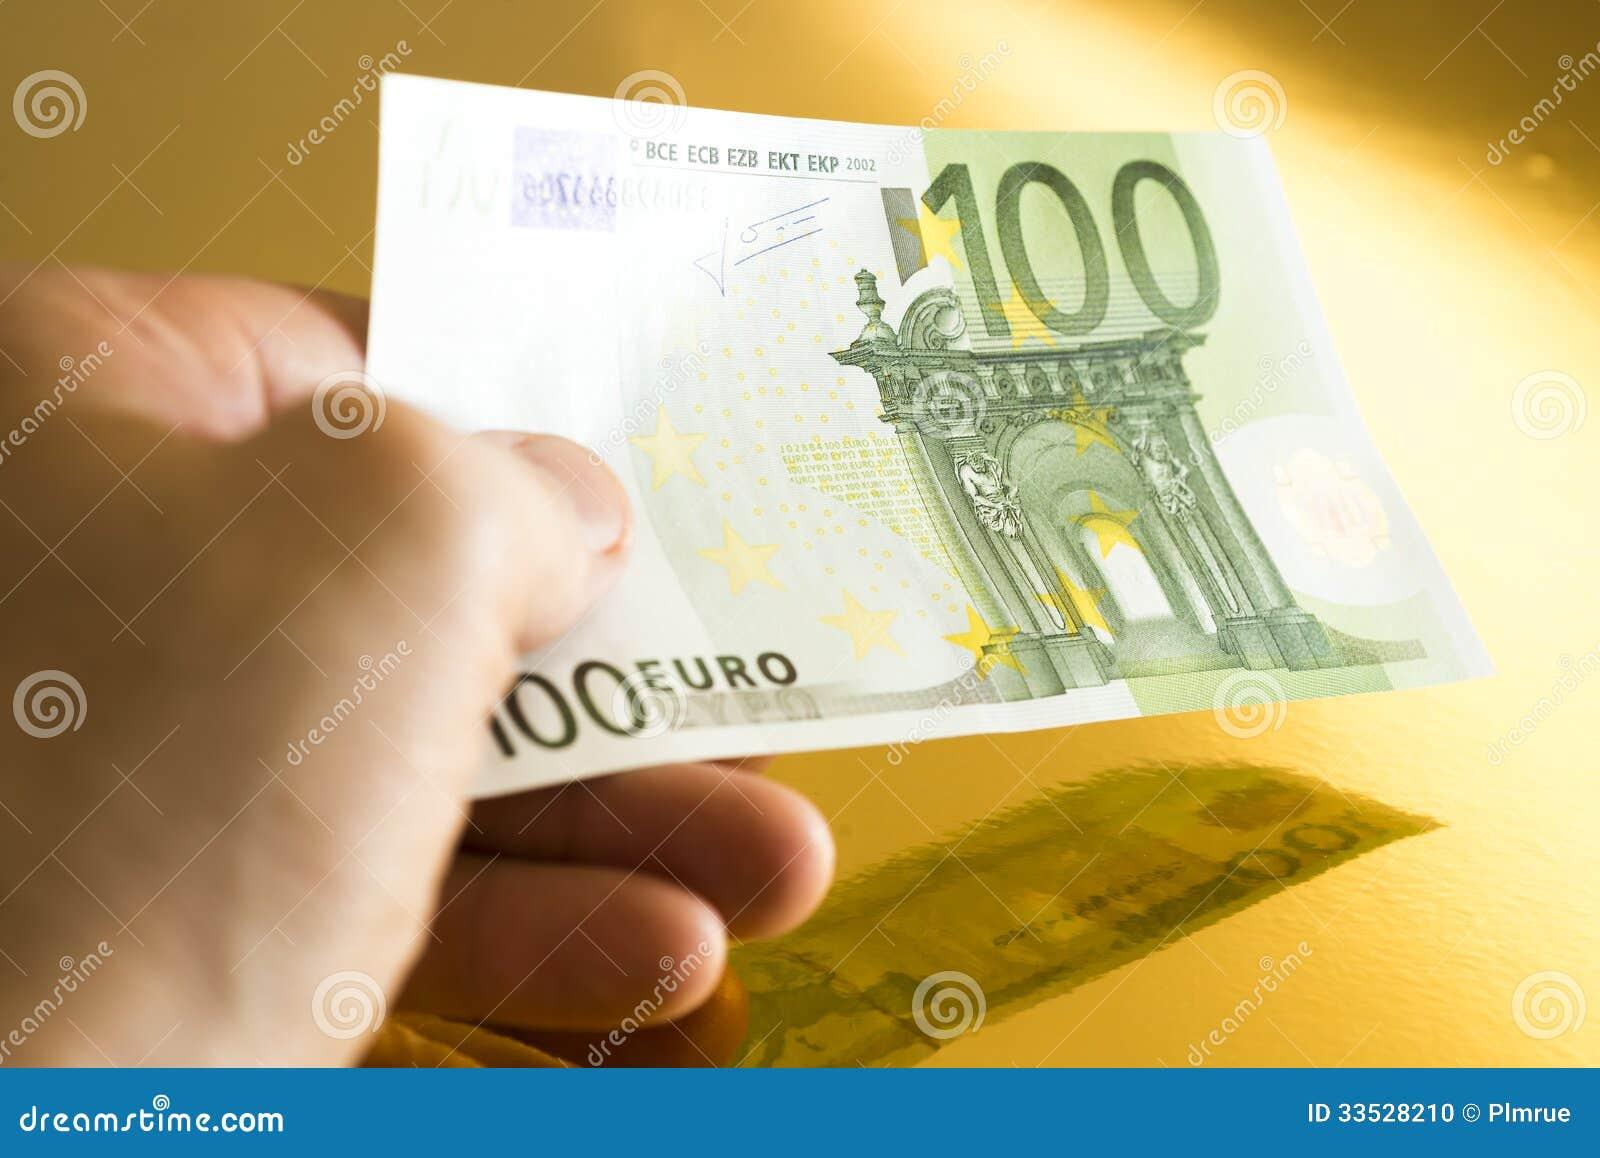 100欧元图片